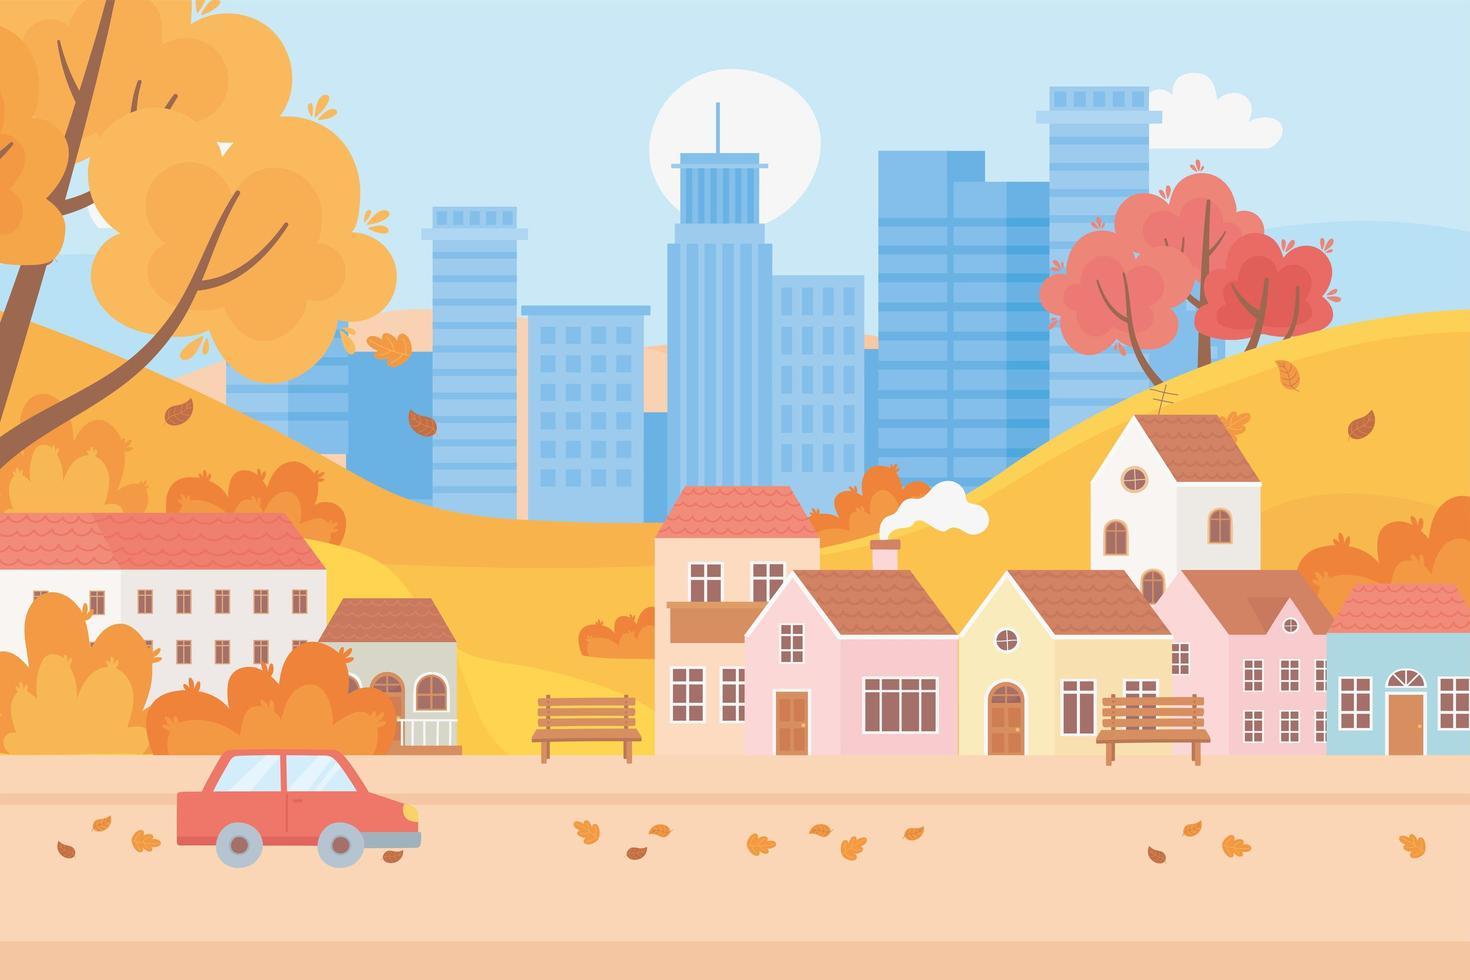 landskap på hösten. stadsbild stads- och förortshus vektor